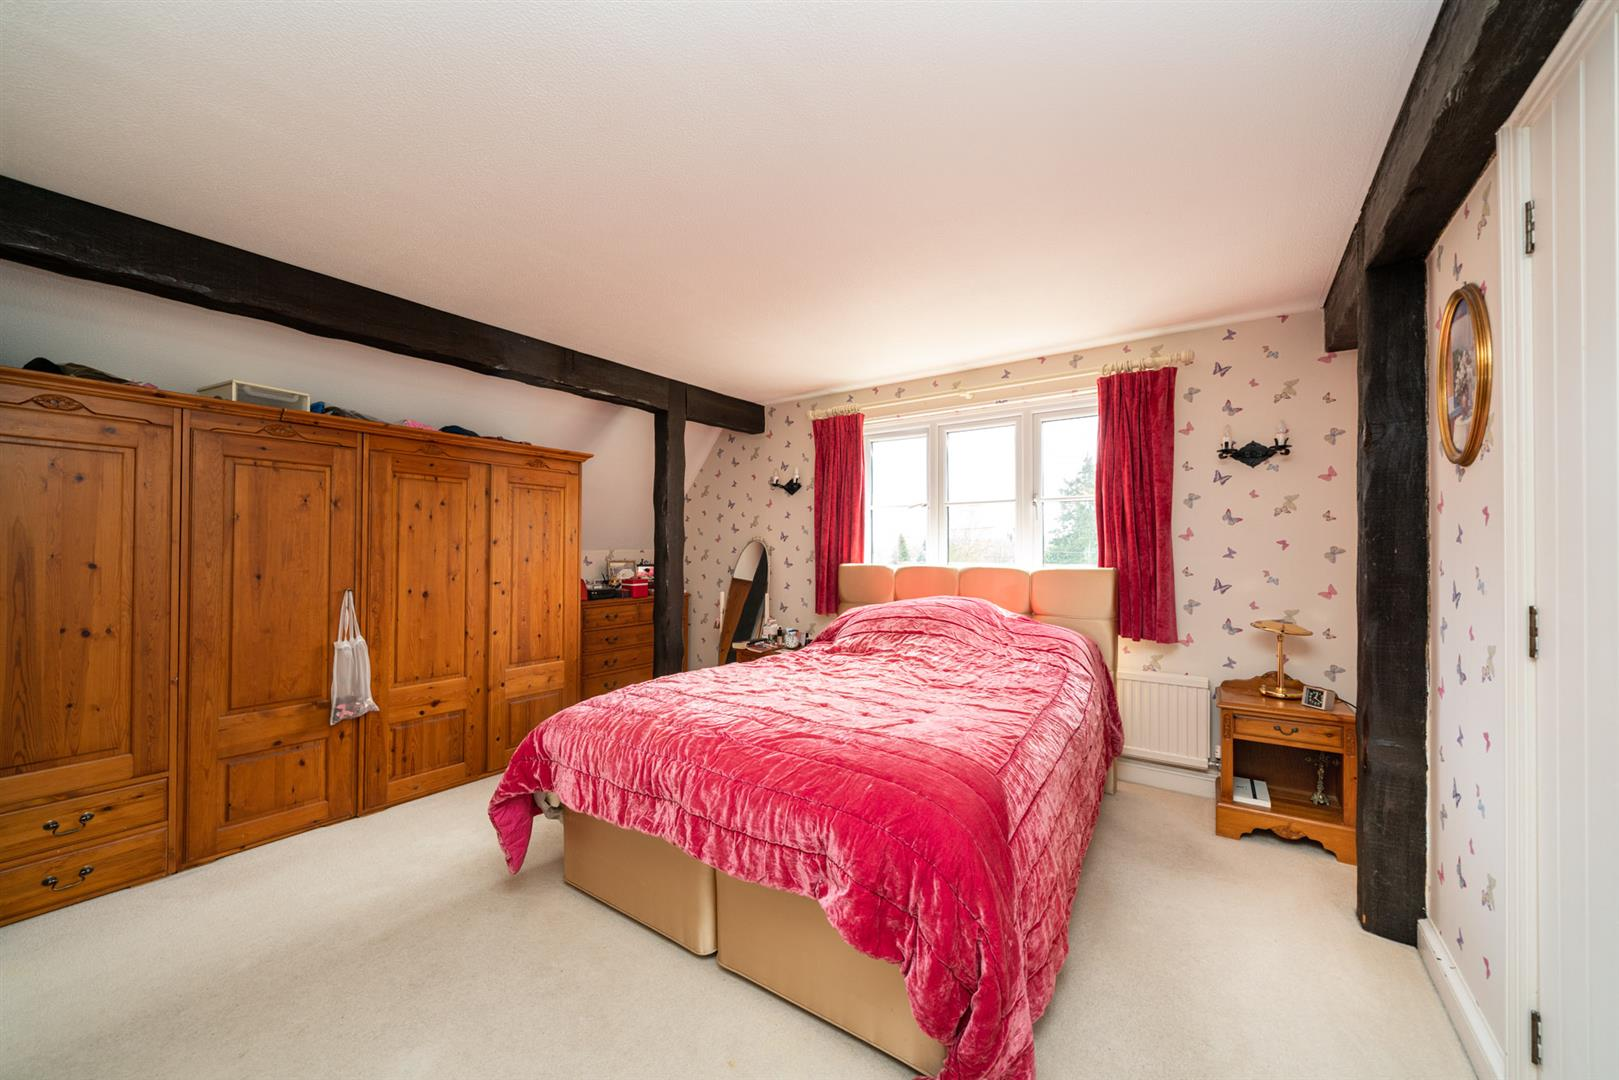 Woodlands-bedroom 2 2.jpg